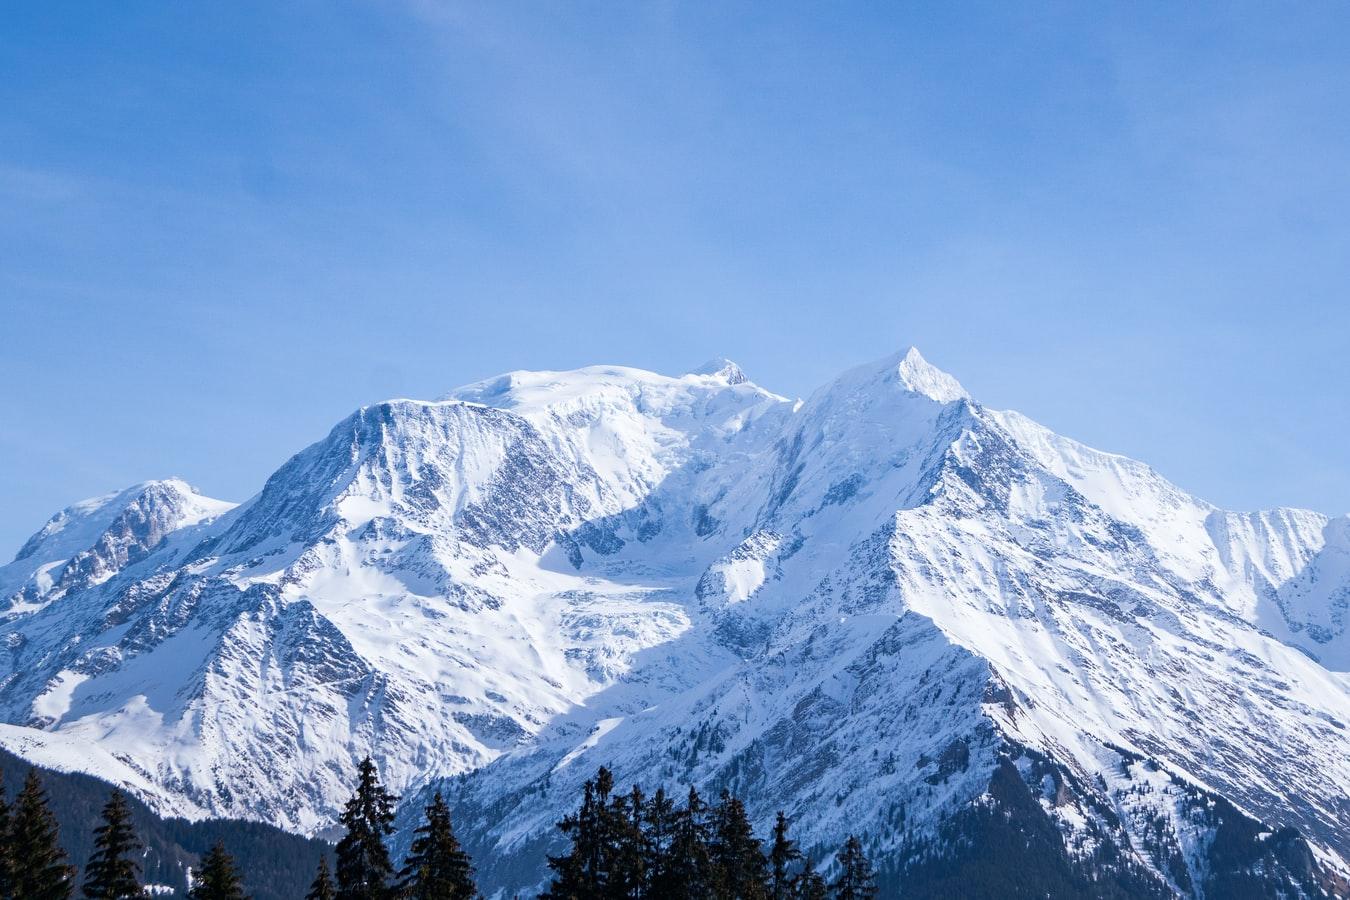 Évadez-vous le temps d'un week-end à Chamonix !